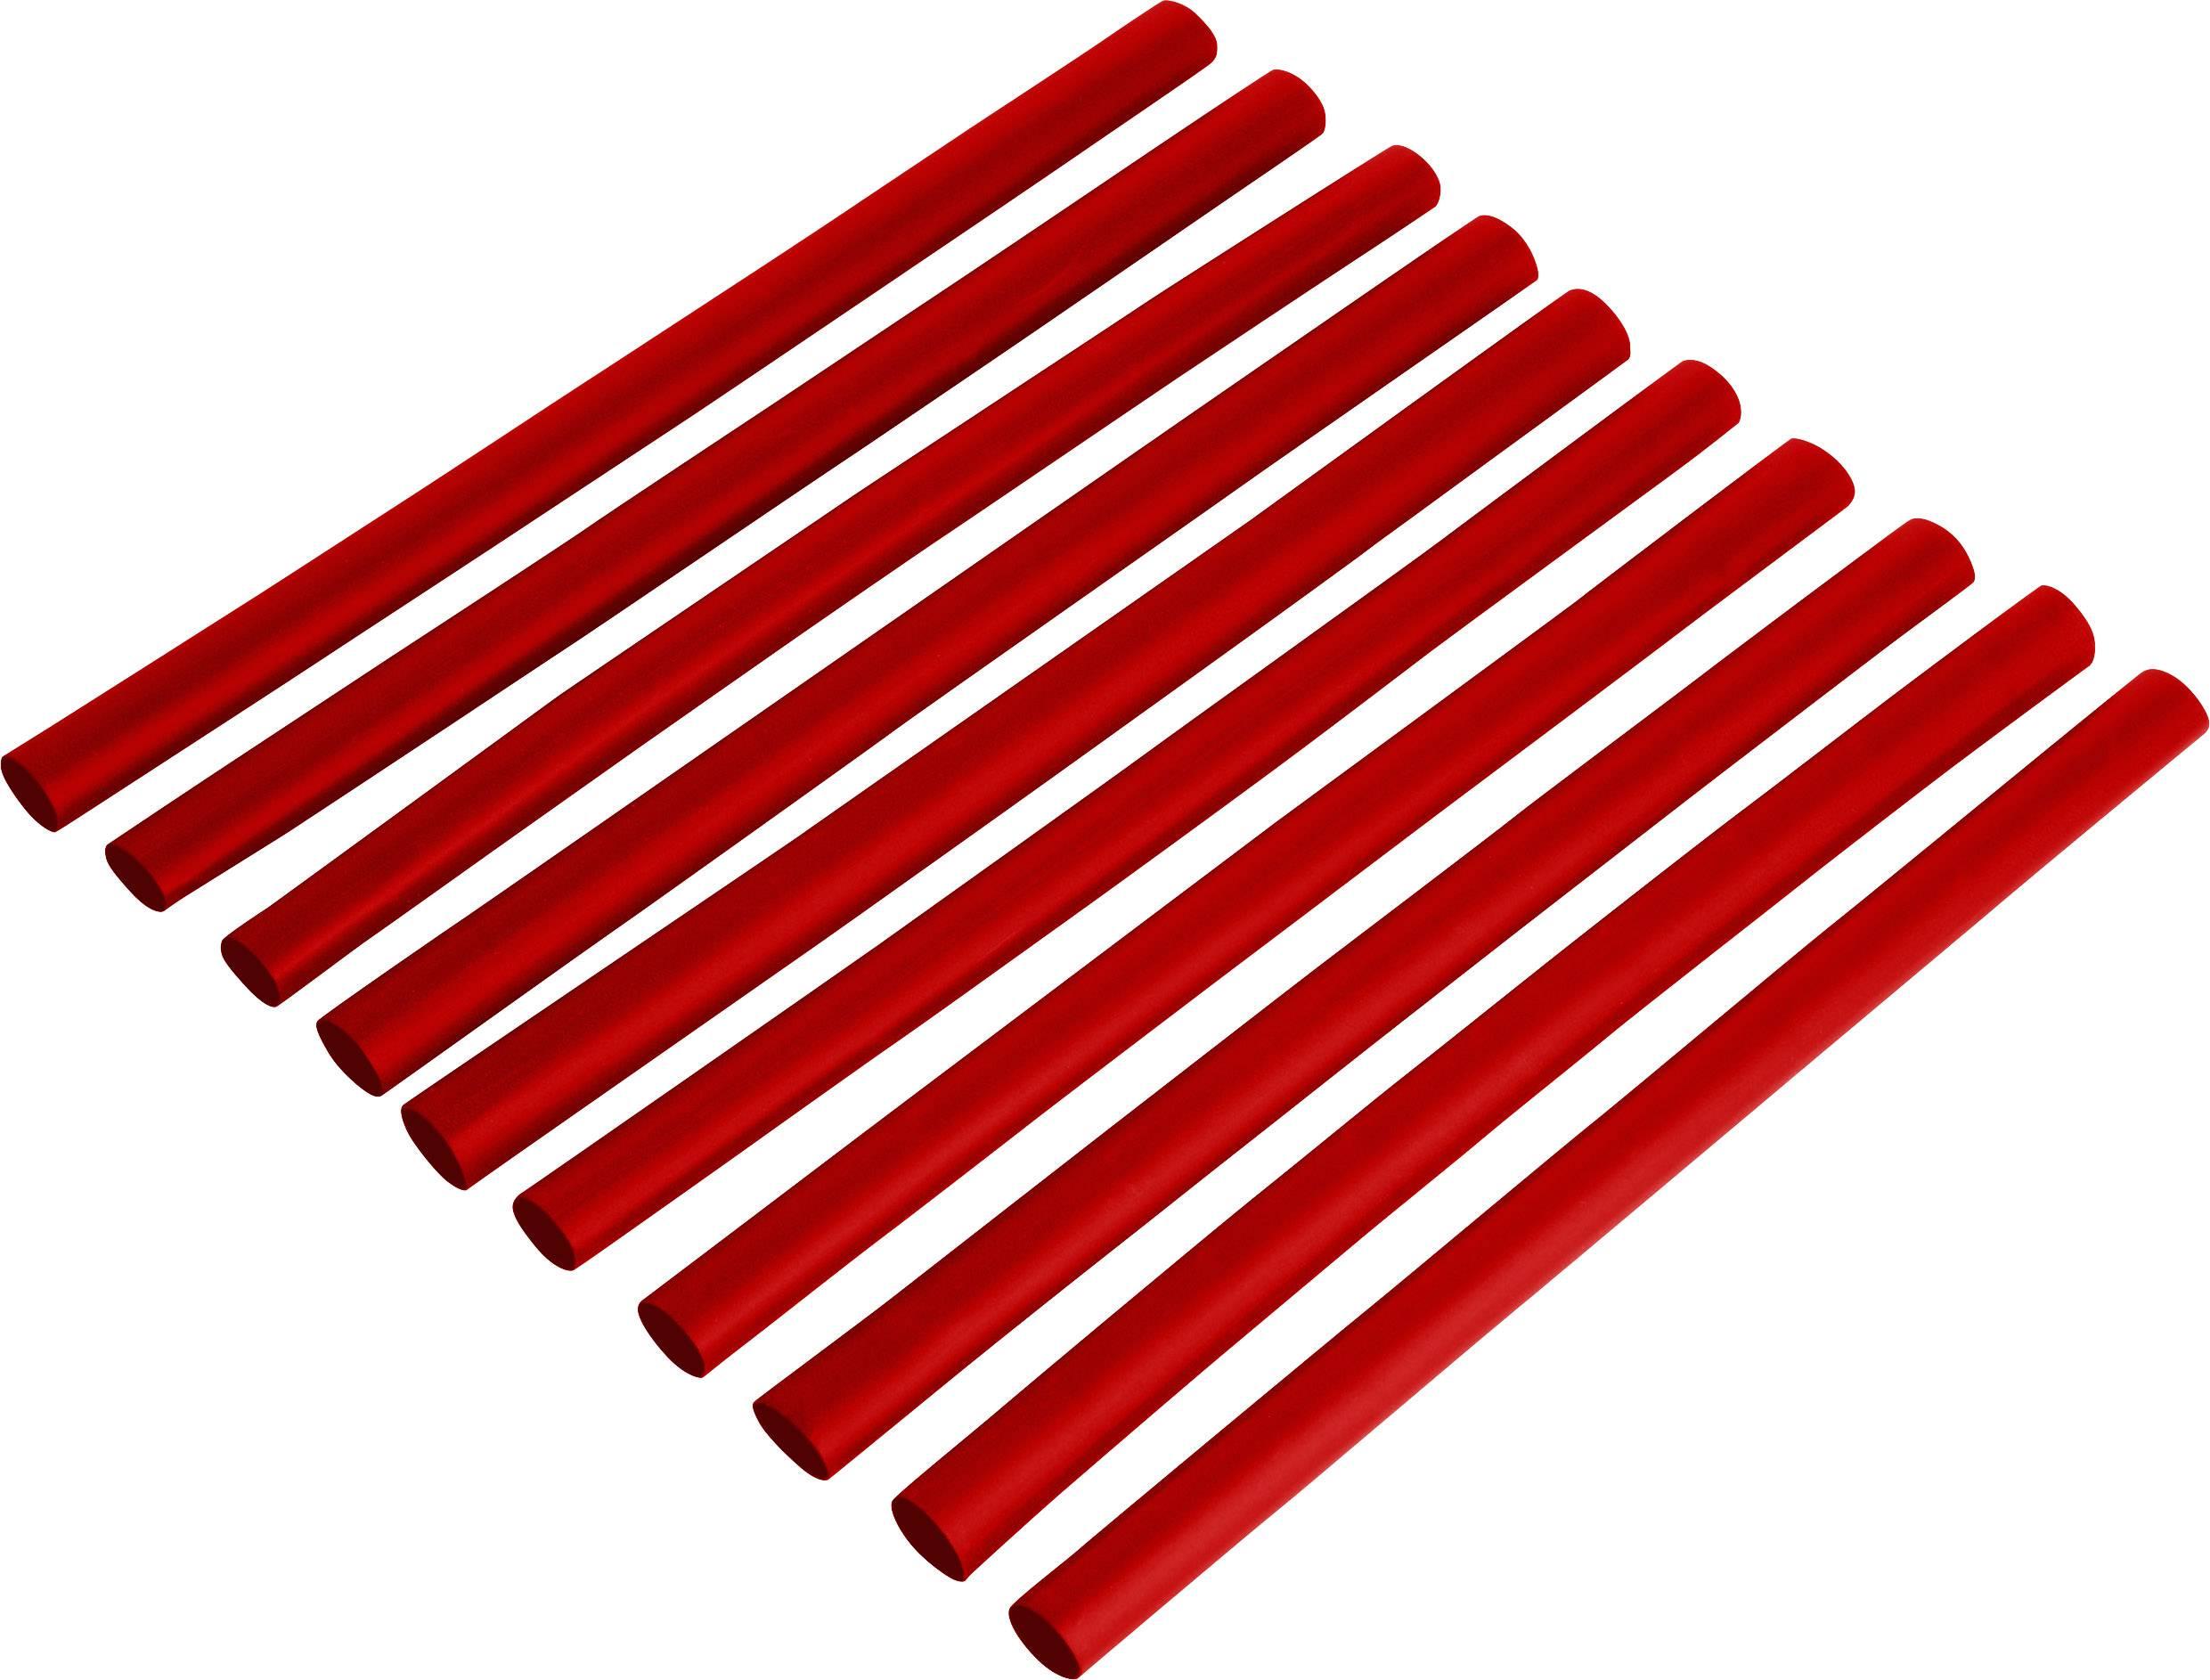 Sada zmršťovacých bužírok DSG Canusa 2810024302CO, 2:1, 1.20 mm /2.40 mm, červená, 1 sada